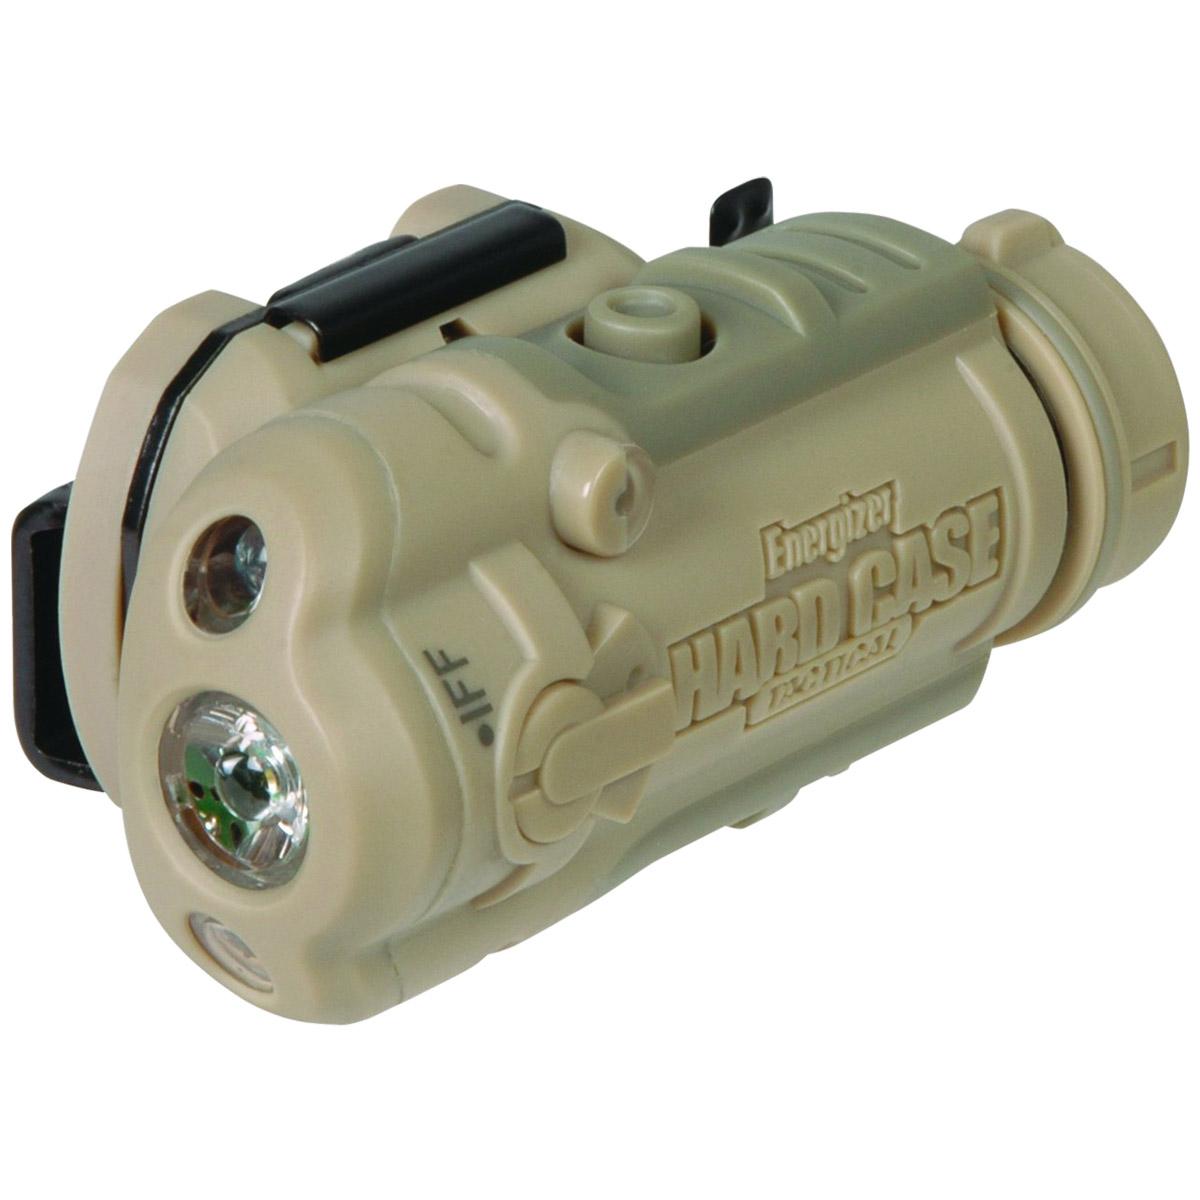 Energizer Hard Case Tactical Led Helmet Light